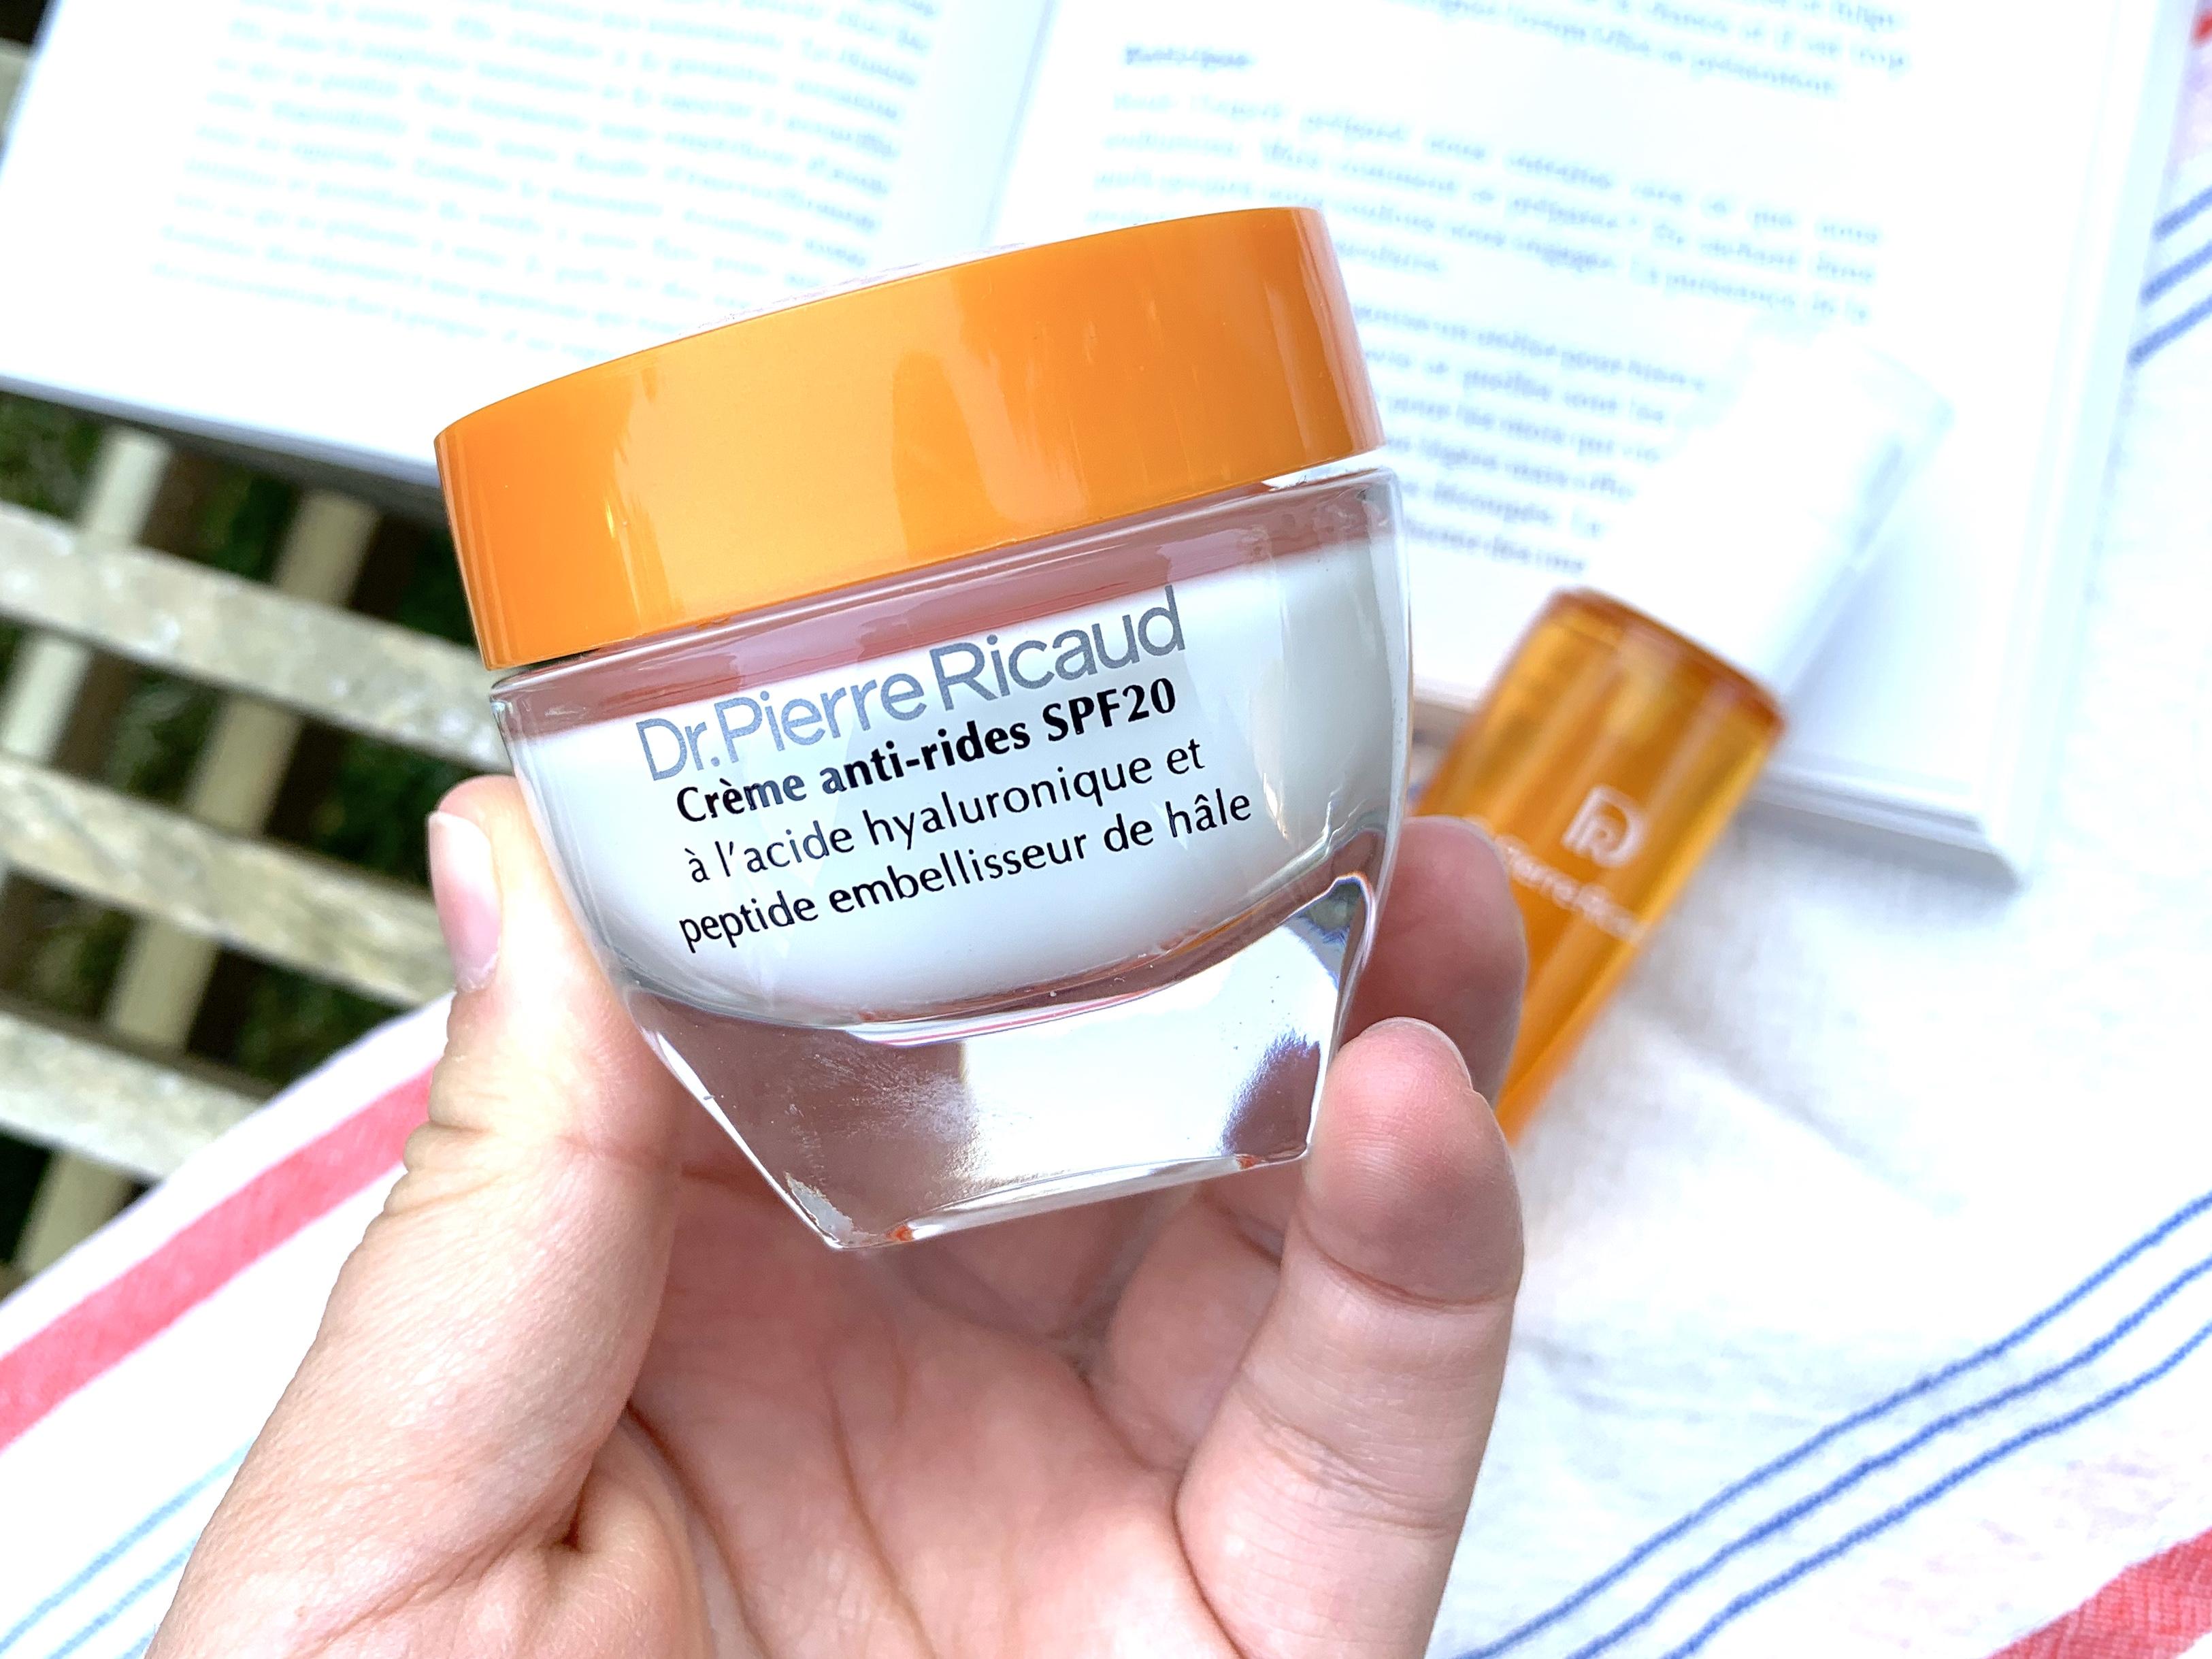 Crème embellisseur de hâle Dr Pierre Ricaud